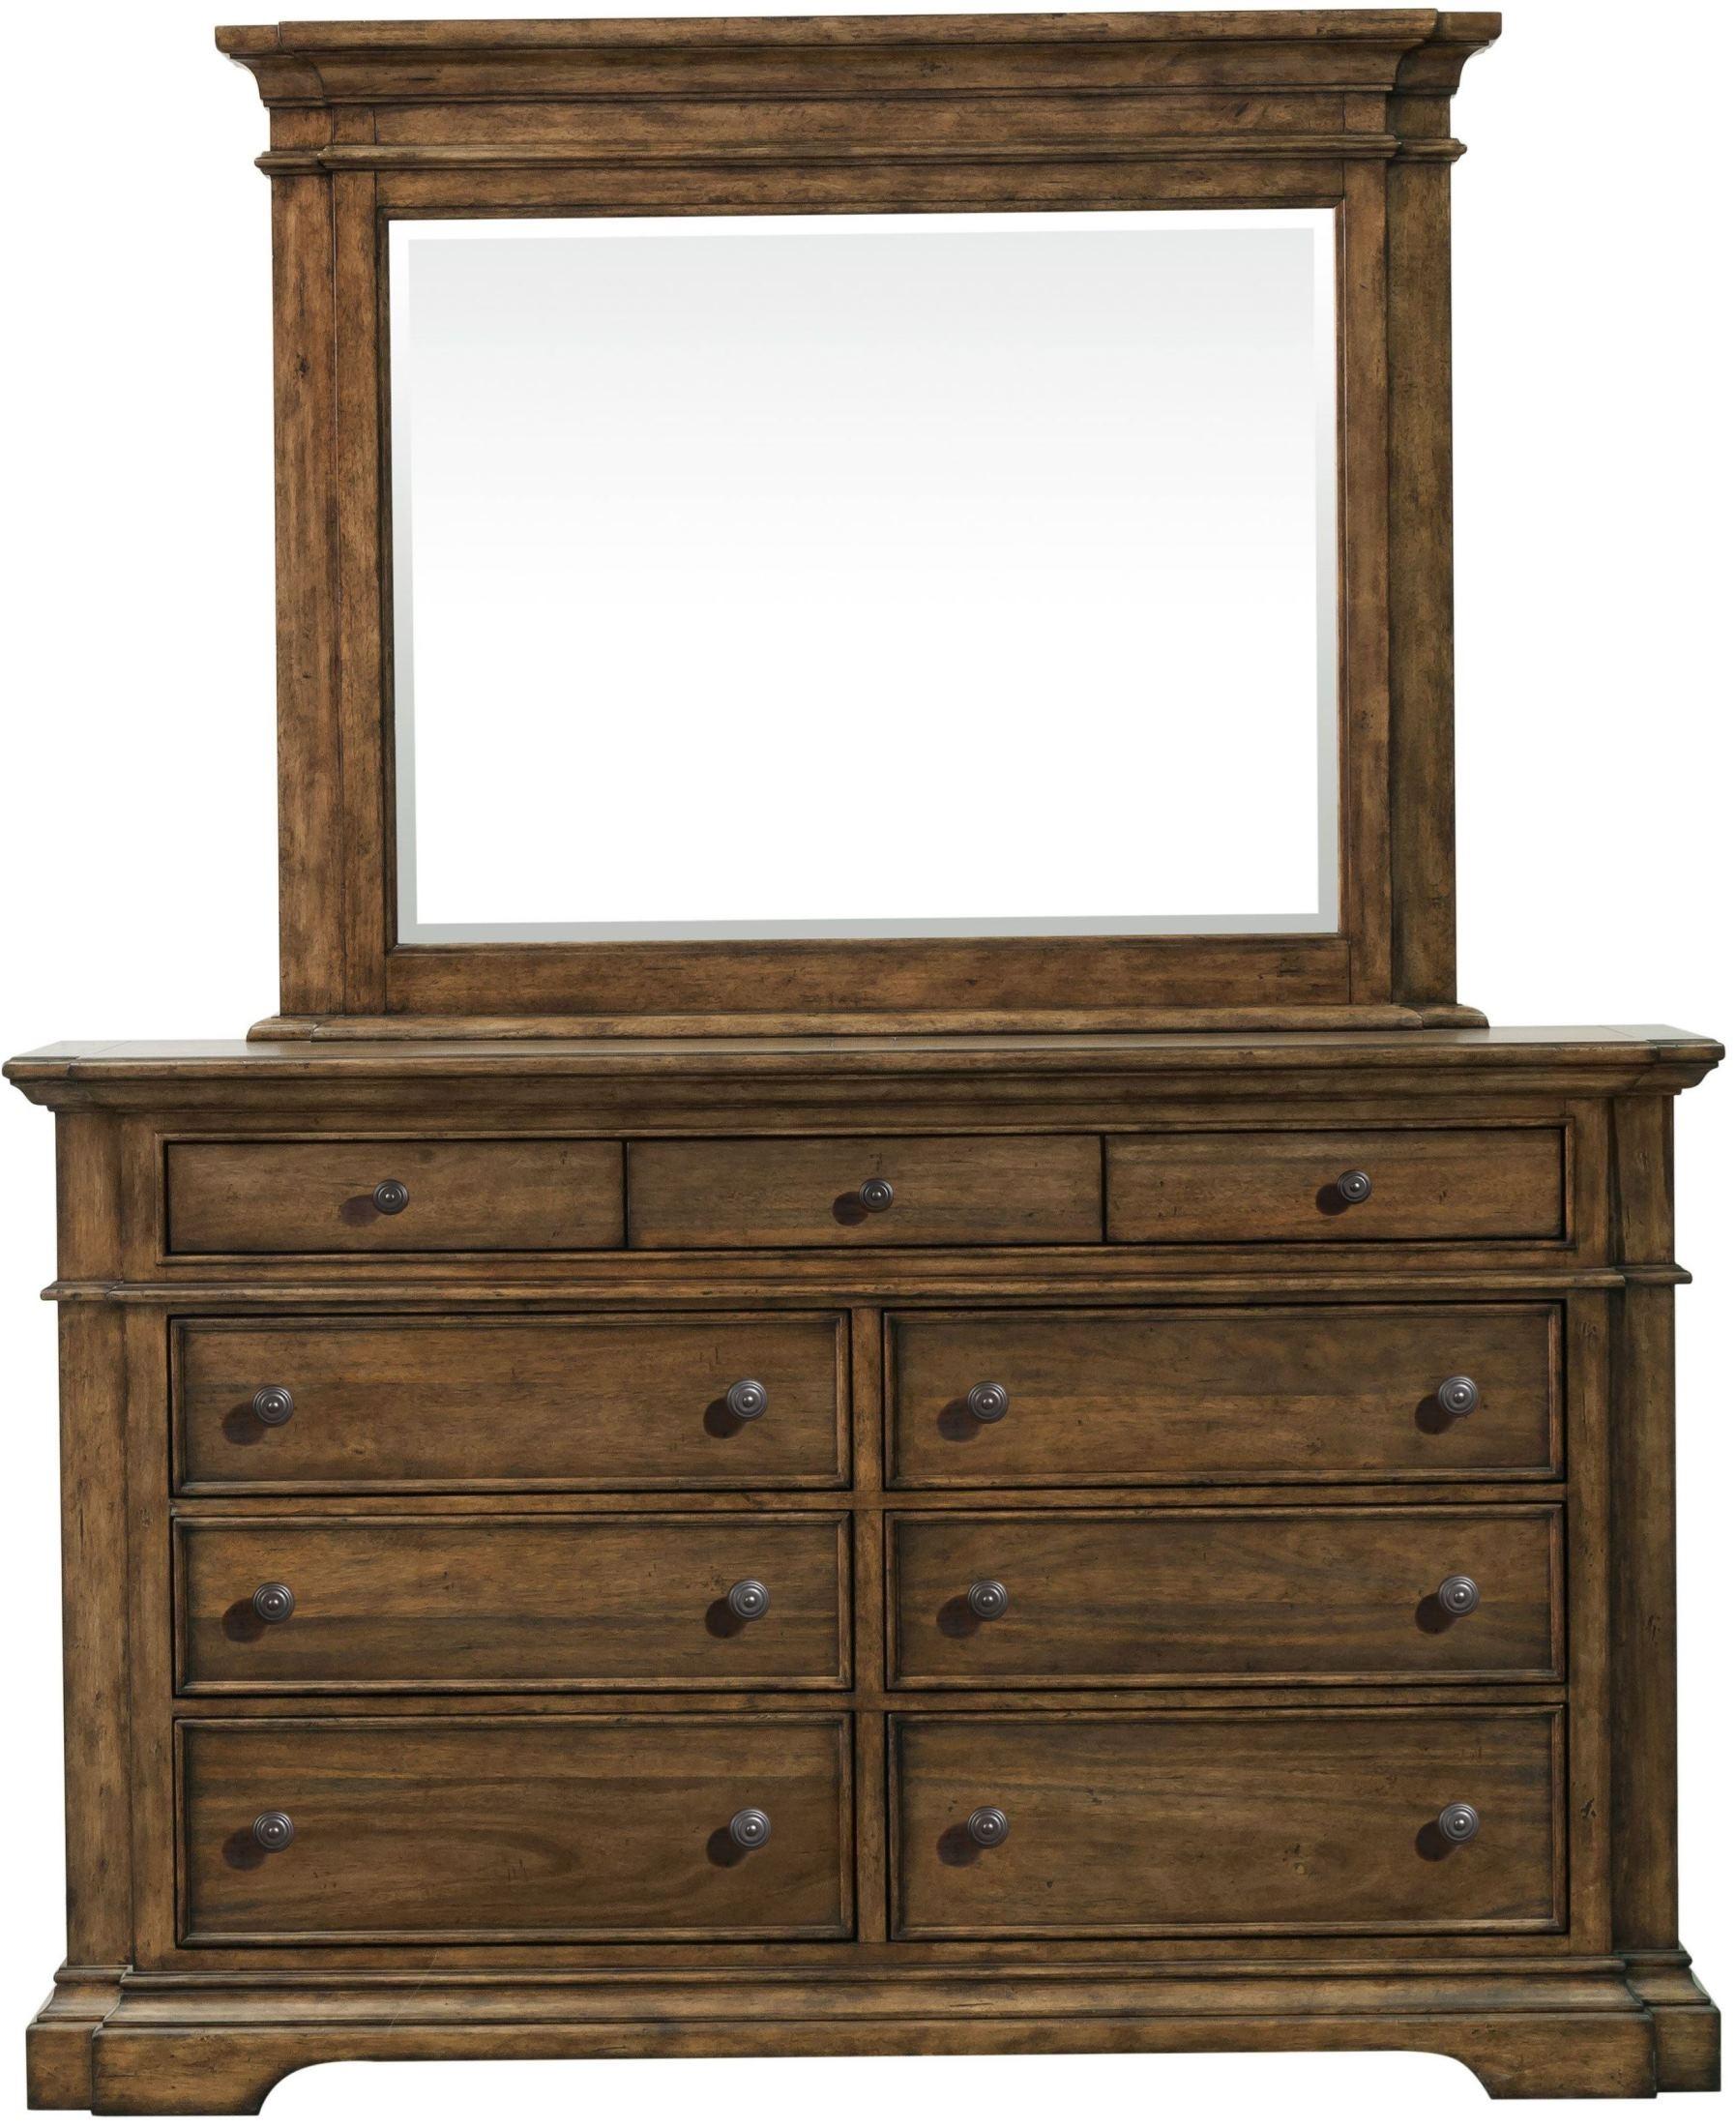 Reddington Metal Wood Queen Bedroom Set 241170 71 72 Pulaski